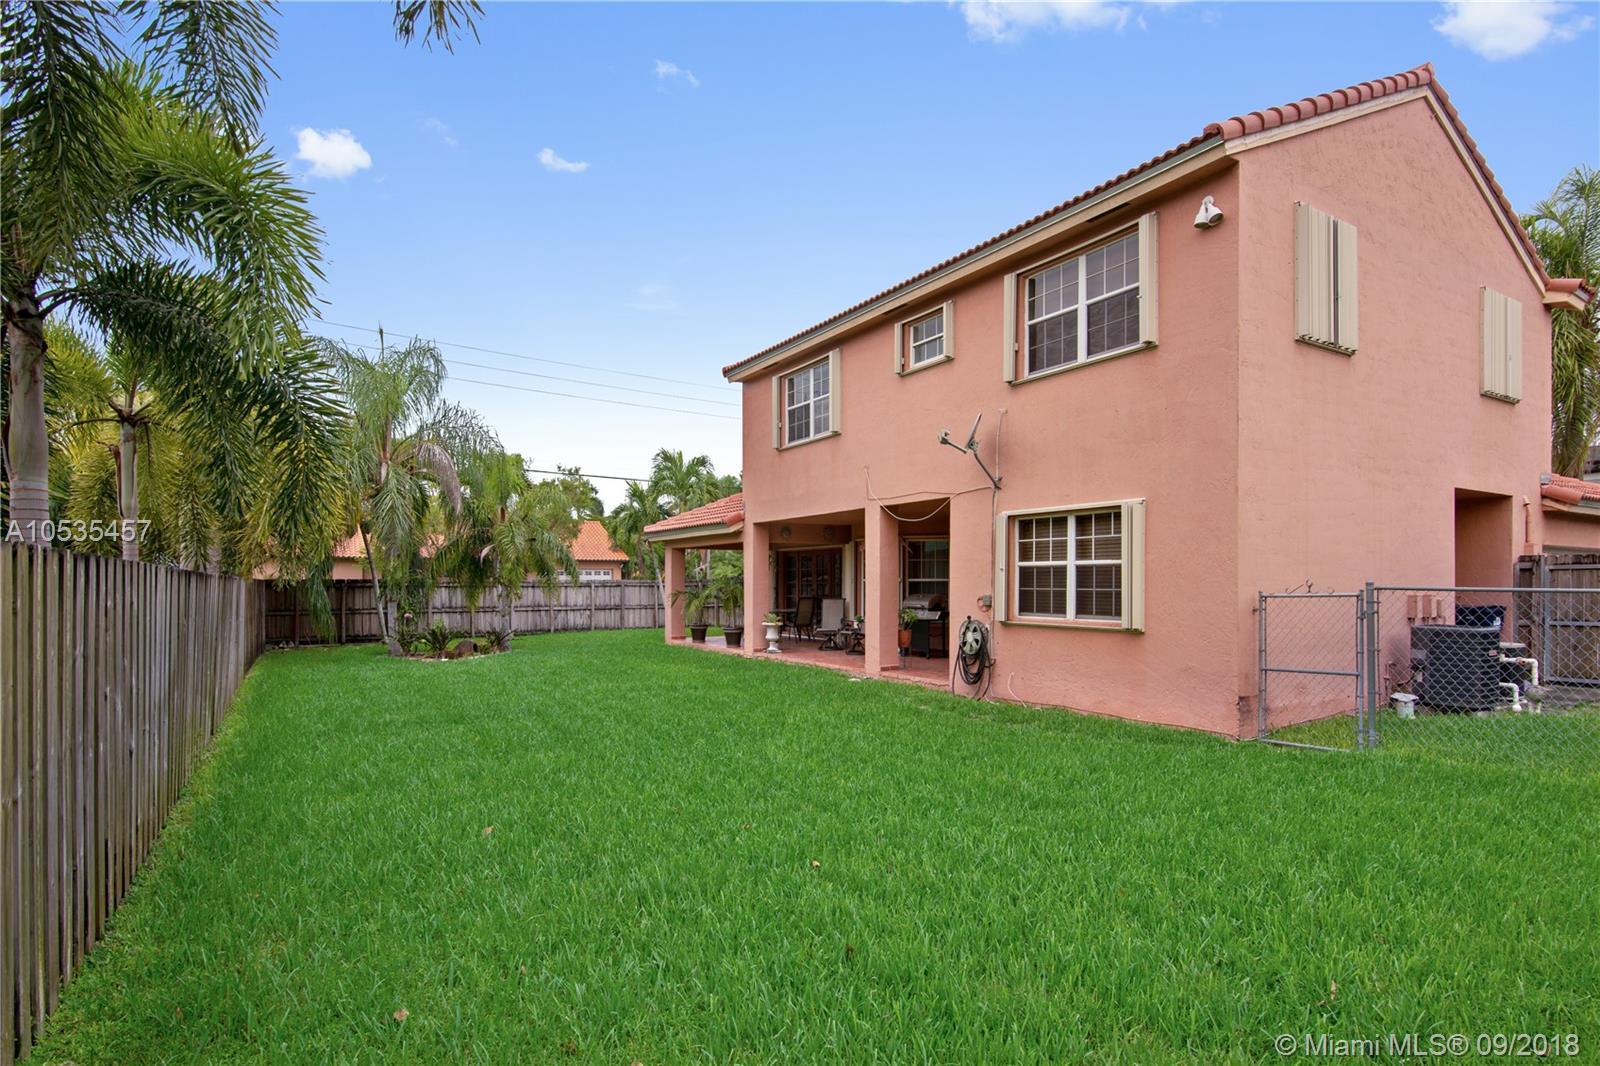 11980 Sw 99th St, Miami FL, 33186